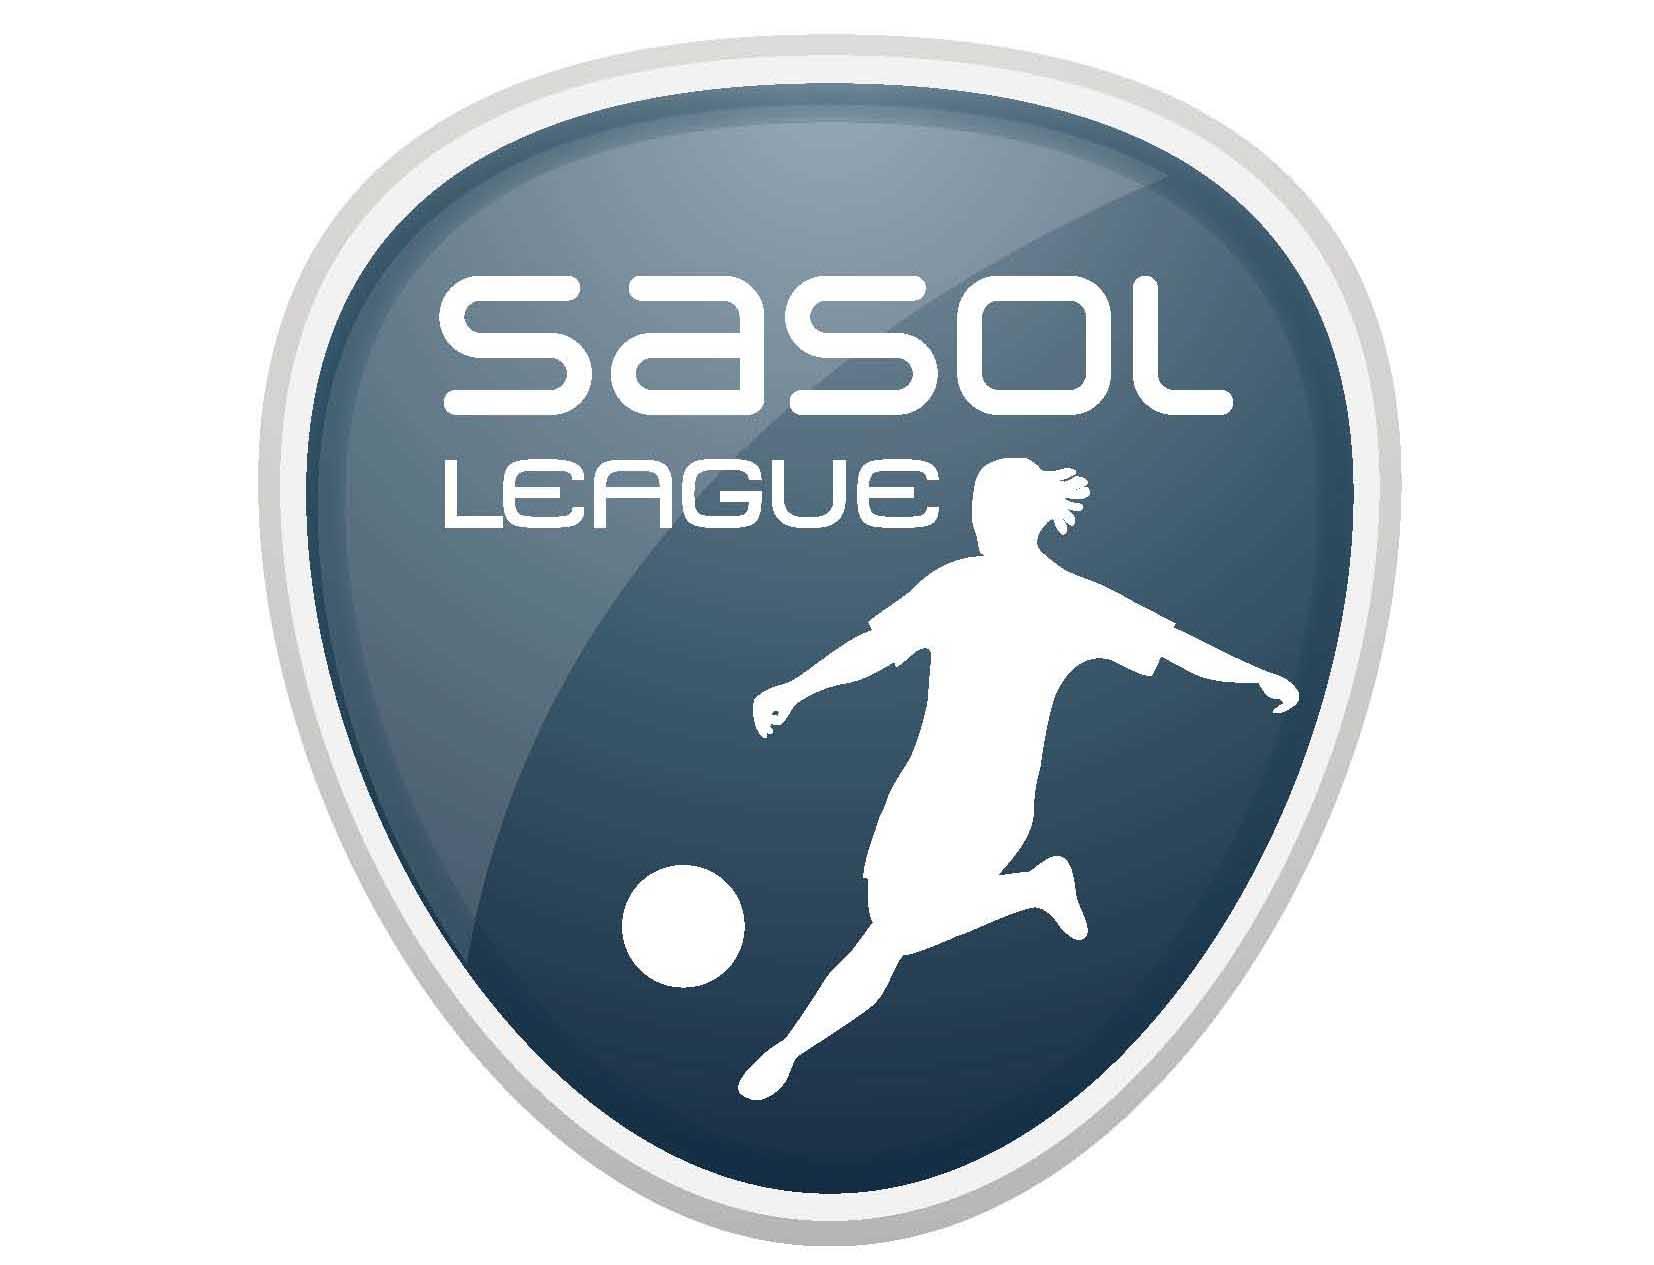 SASOL_LOGO